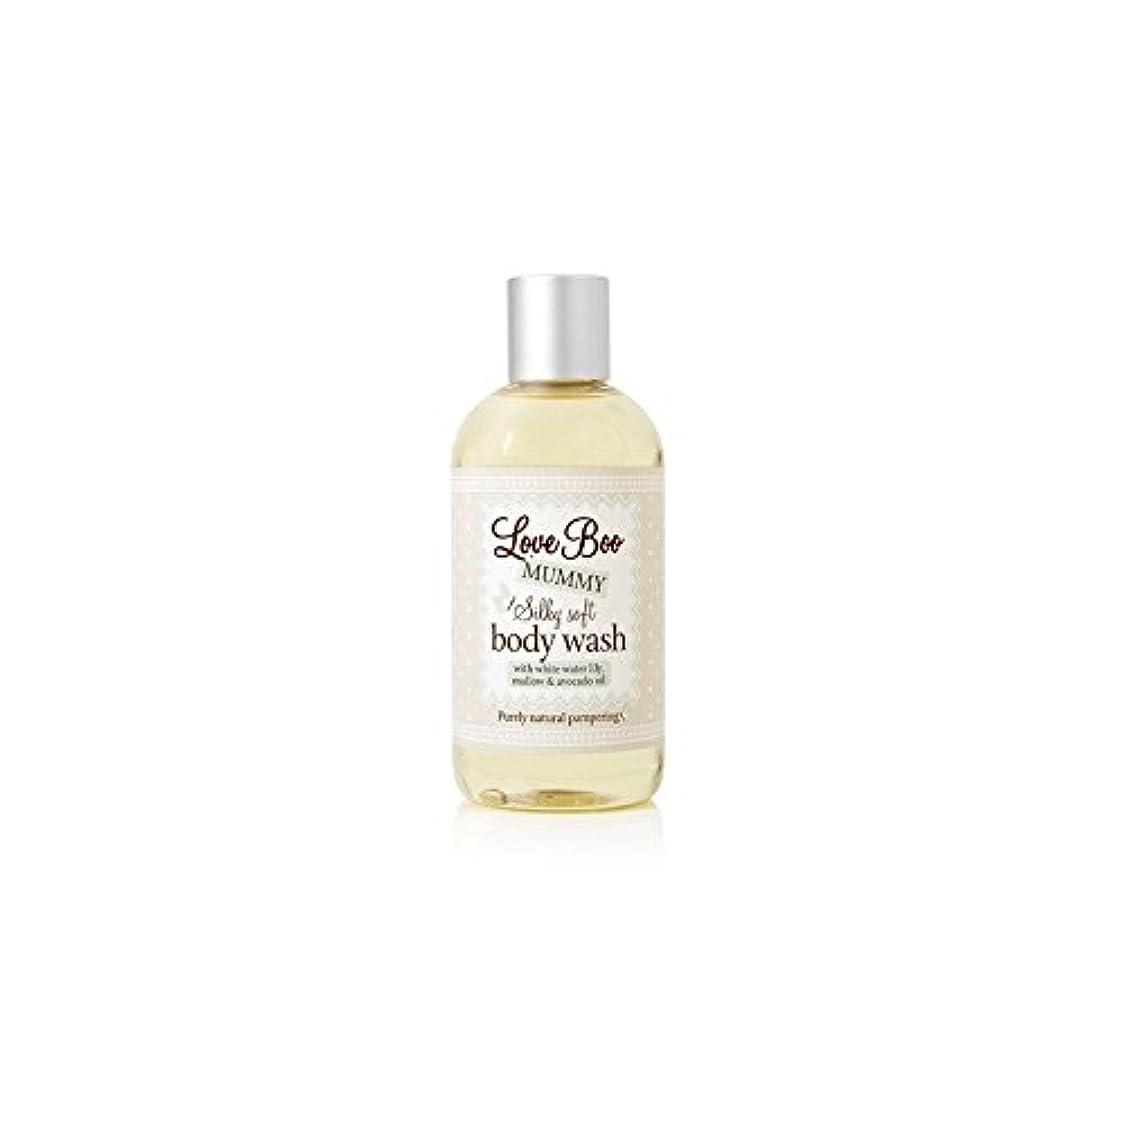 コーナー無視できる祖父母を訪問Love Boo Silky Soft Body Wash (250ml) (Pack of 6) - 絹のようなソフトボディウォッシュ(250ミリリットル)愛 x6 [並行輸入品]